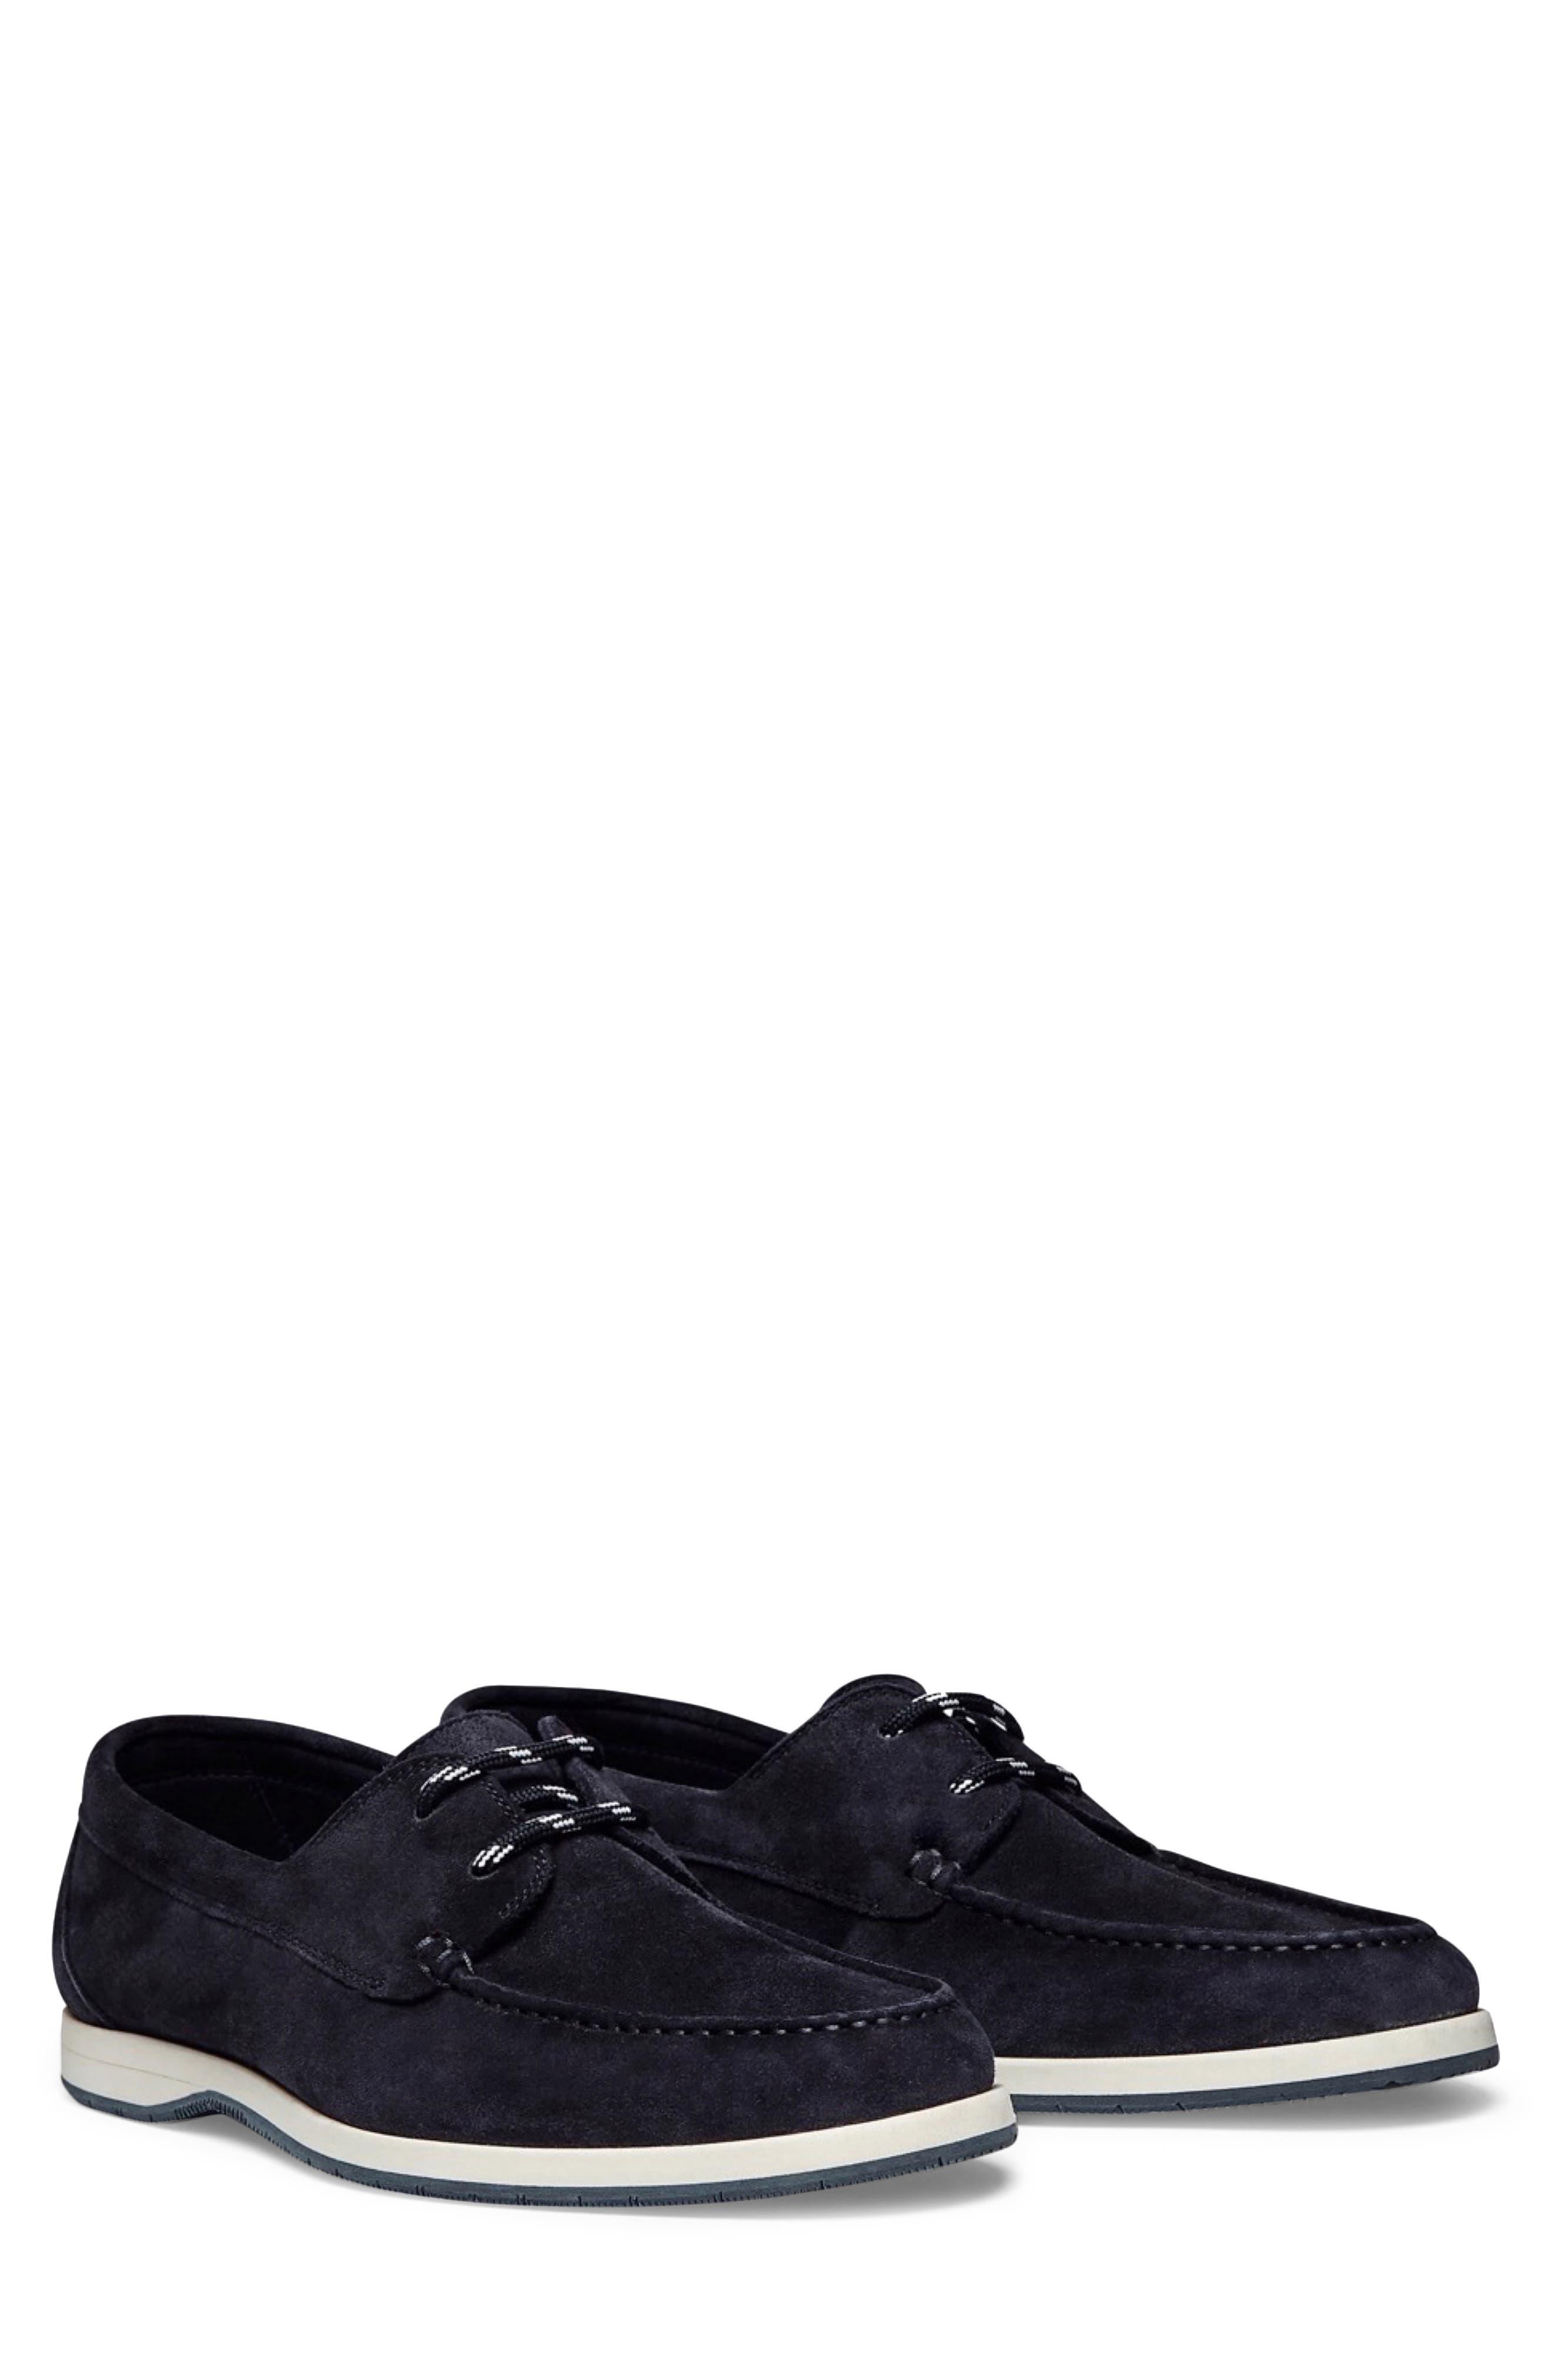 Harrys of London Barts Boat Shoe